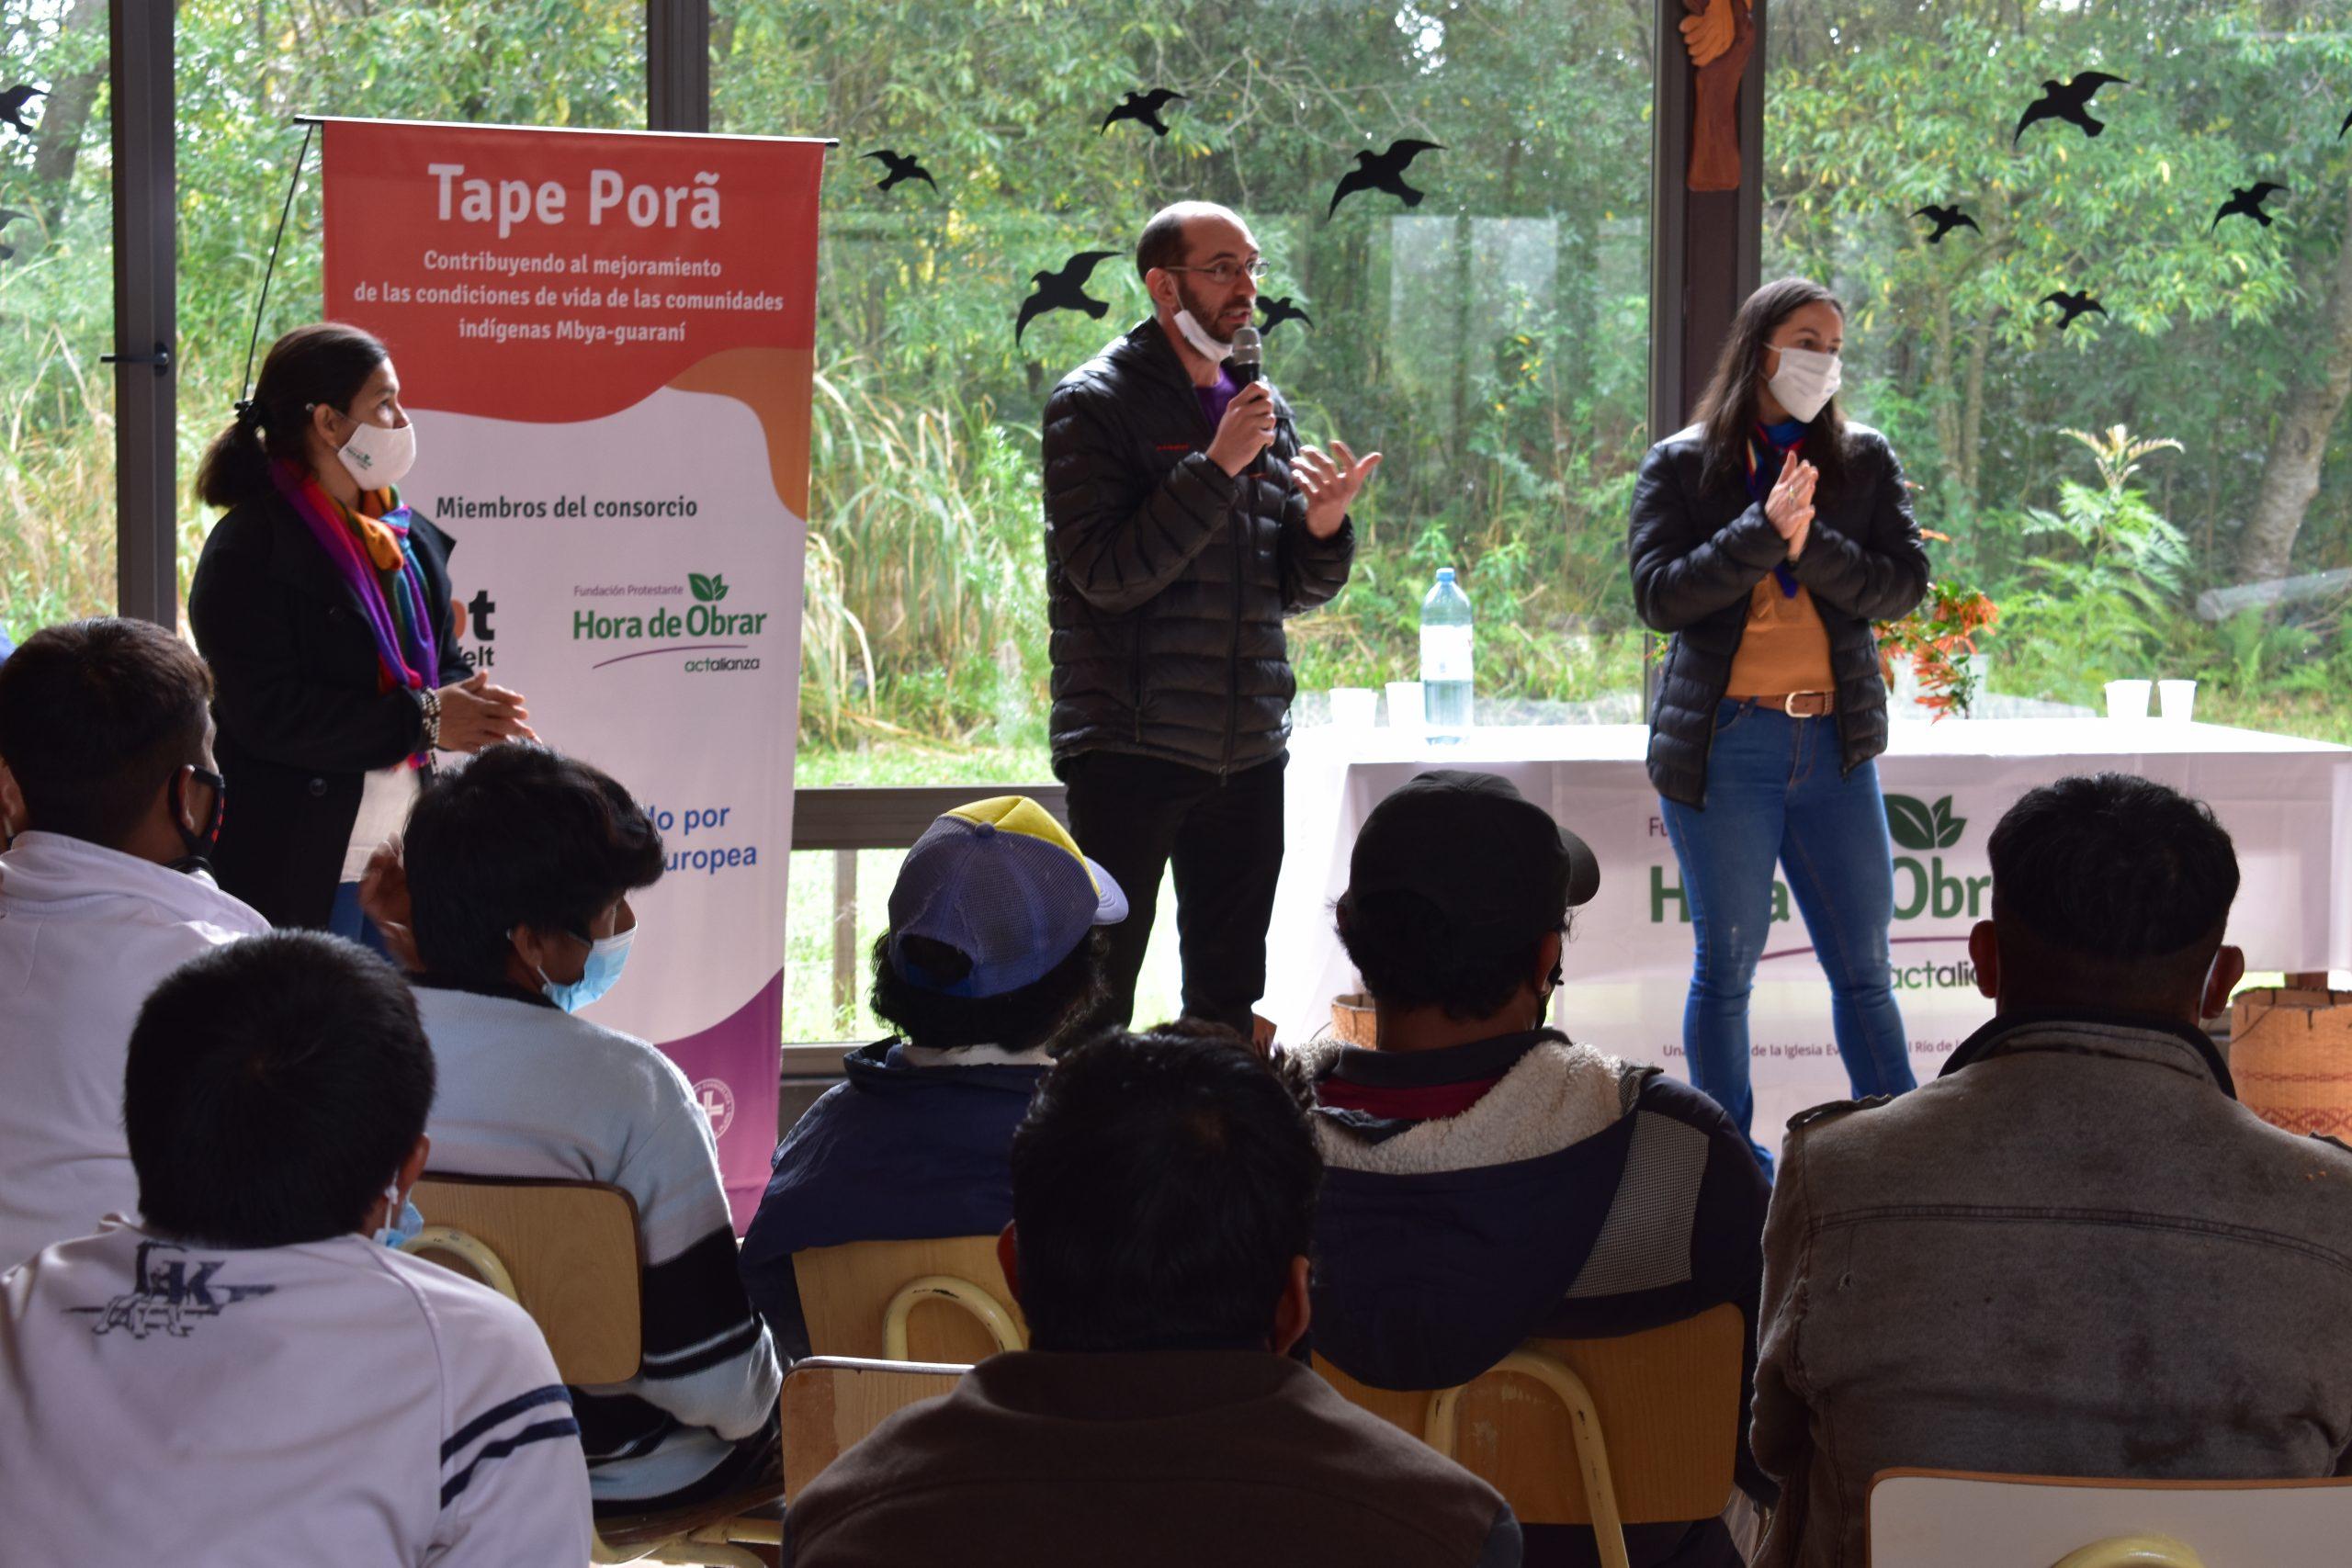 Laura Gomez, Javier Allara y Rosana Schnorr de Fundación Hora de Obrar presentan el proyecto Tape Pora. Foto: Fabían Dinamarca